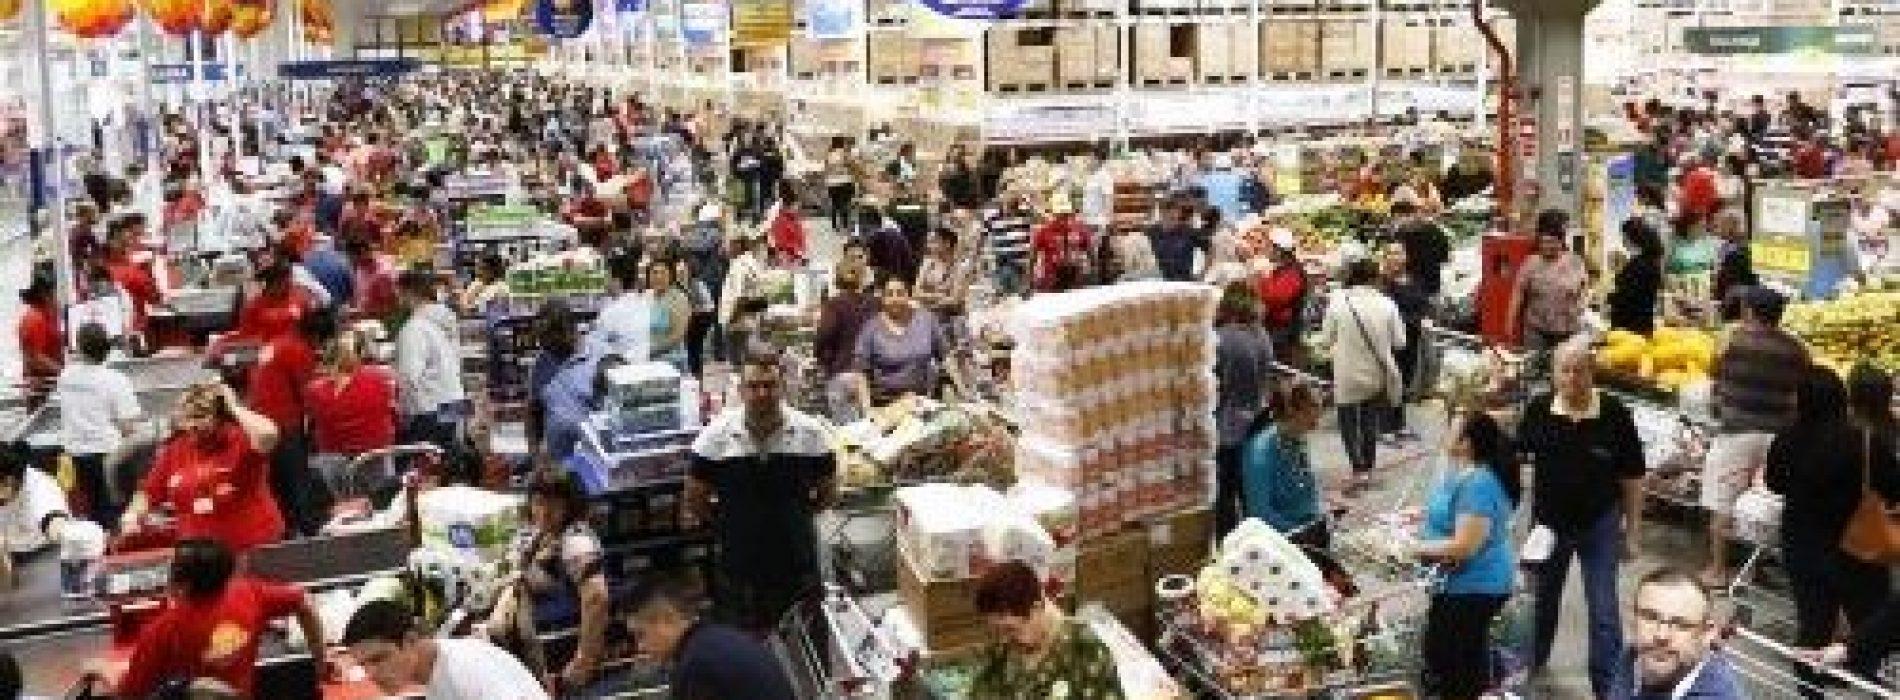 Assaí registra crescimento 25,6% em vendas no primeiro trimestre